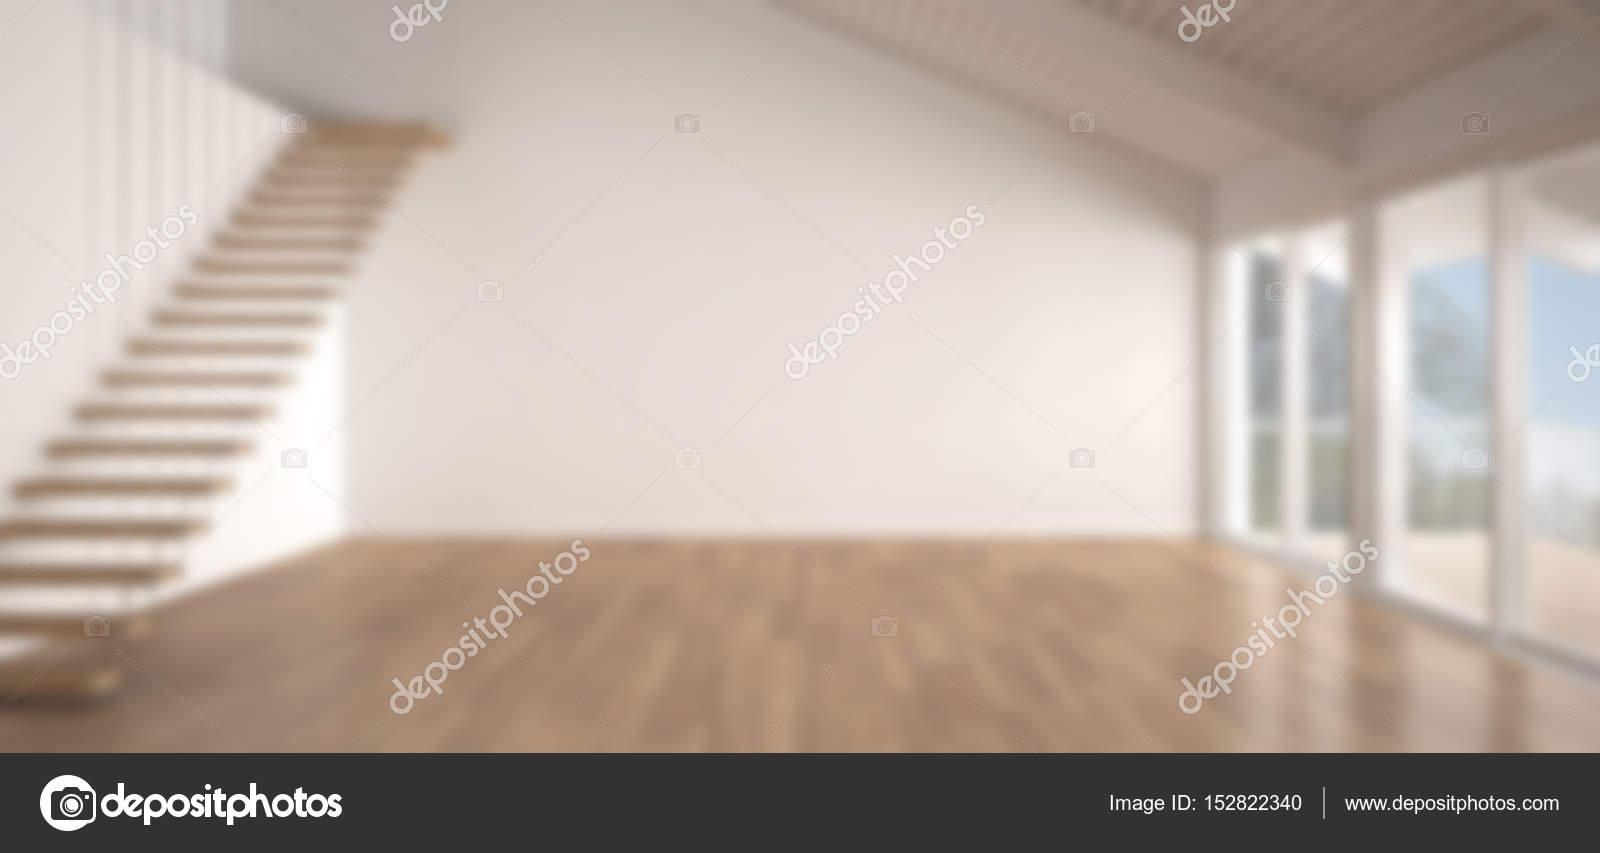 Vervagen de achtergrond interieur minimalistische mezzanine loft